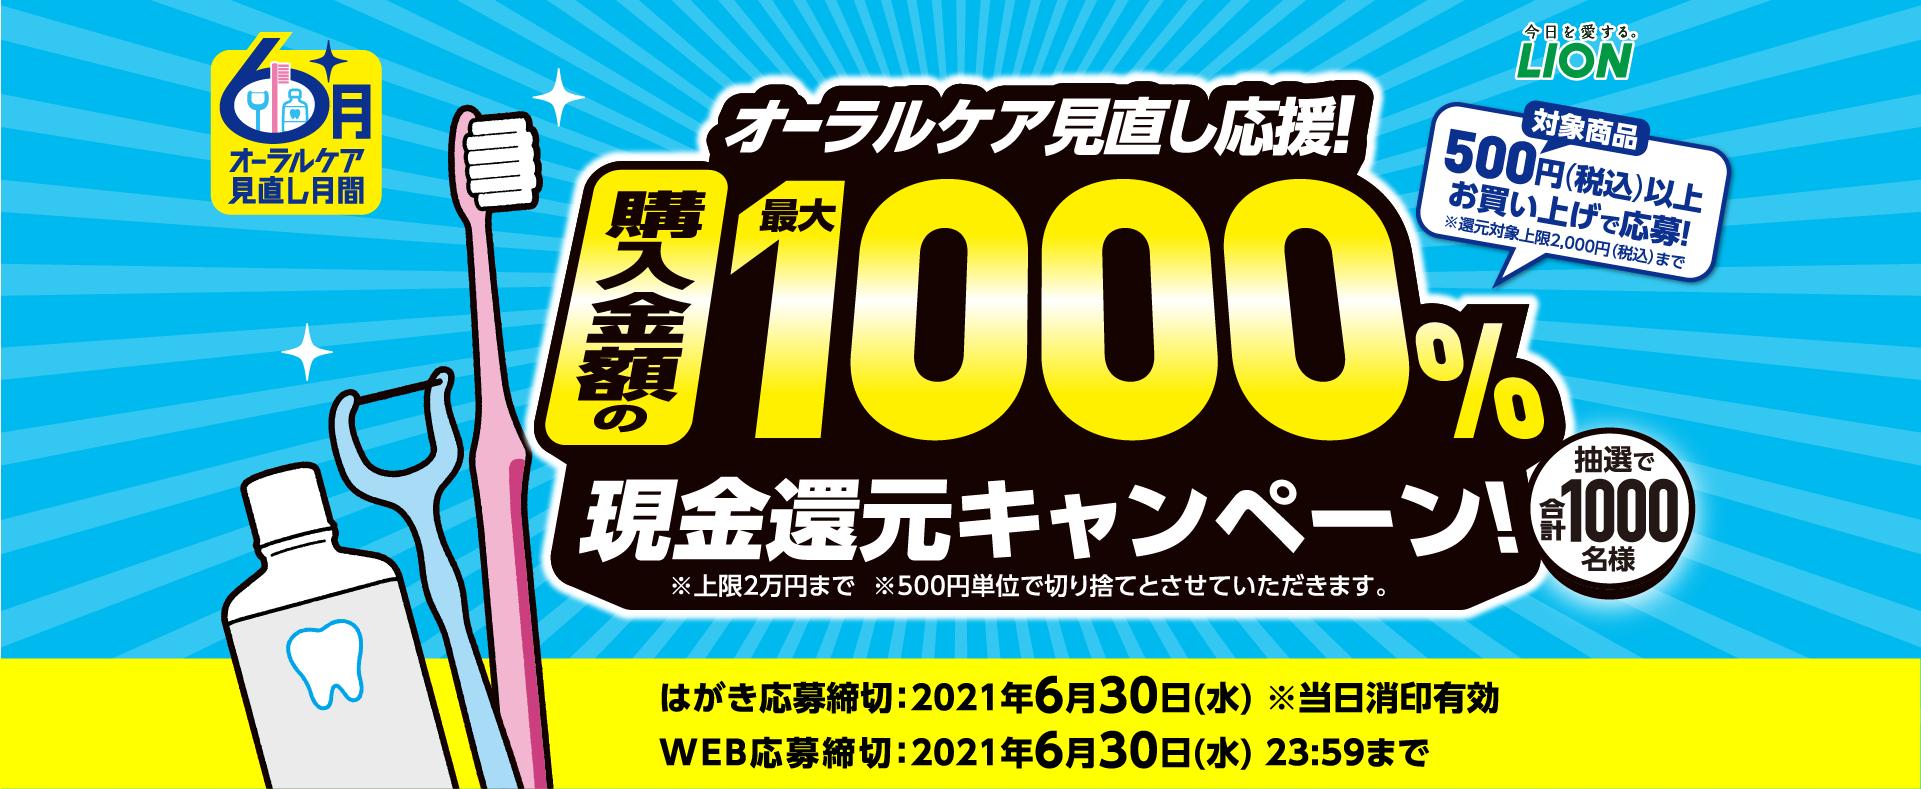 ライオンを500円以上買うと、購入金額の10倍が100名、1倍全額が900名に当たる。~6/30。